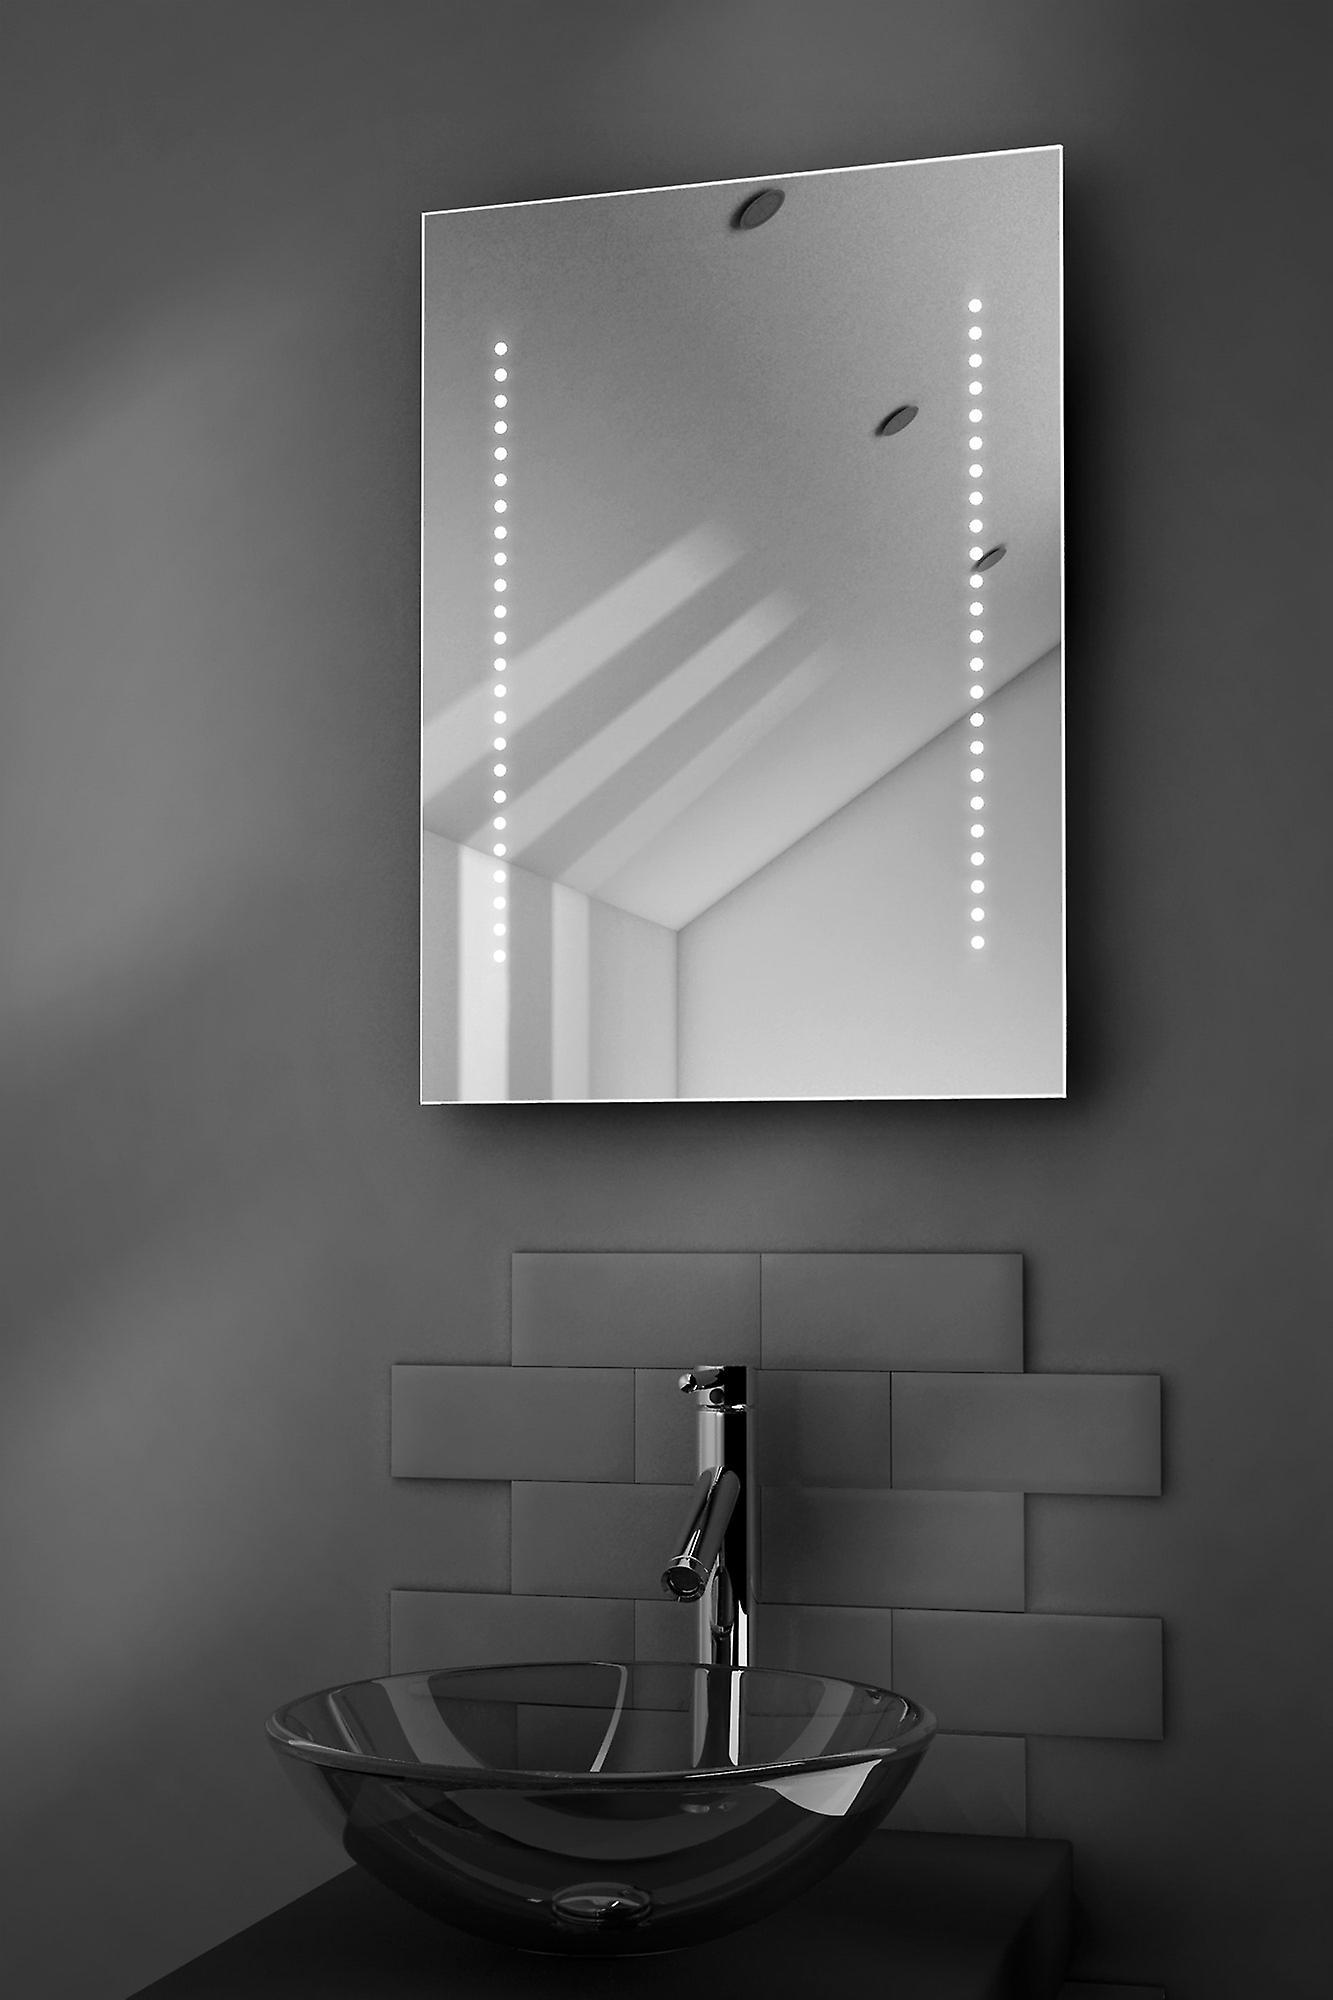 Regard ultra-plat LED salle de bain miroir avec désembuage Pad & capteur k10